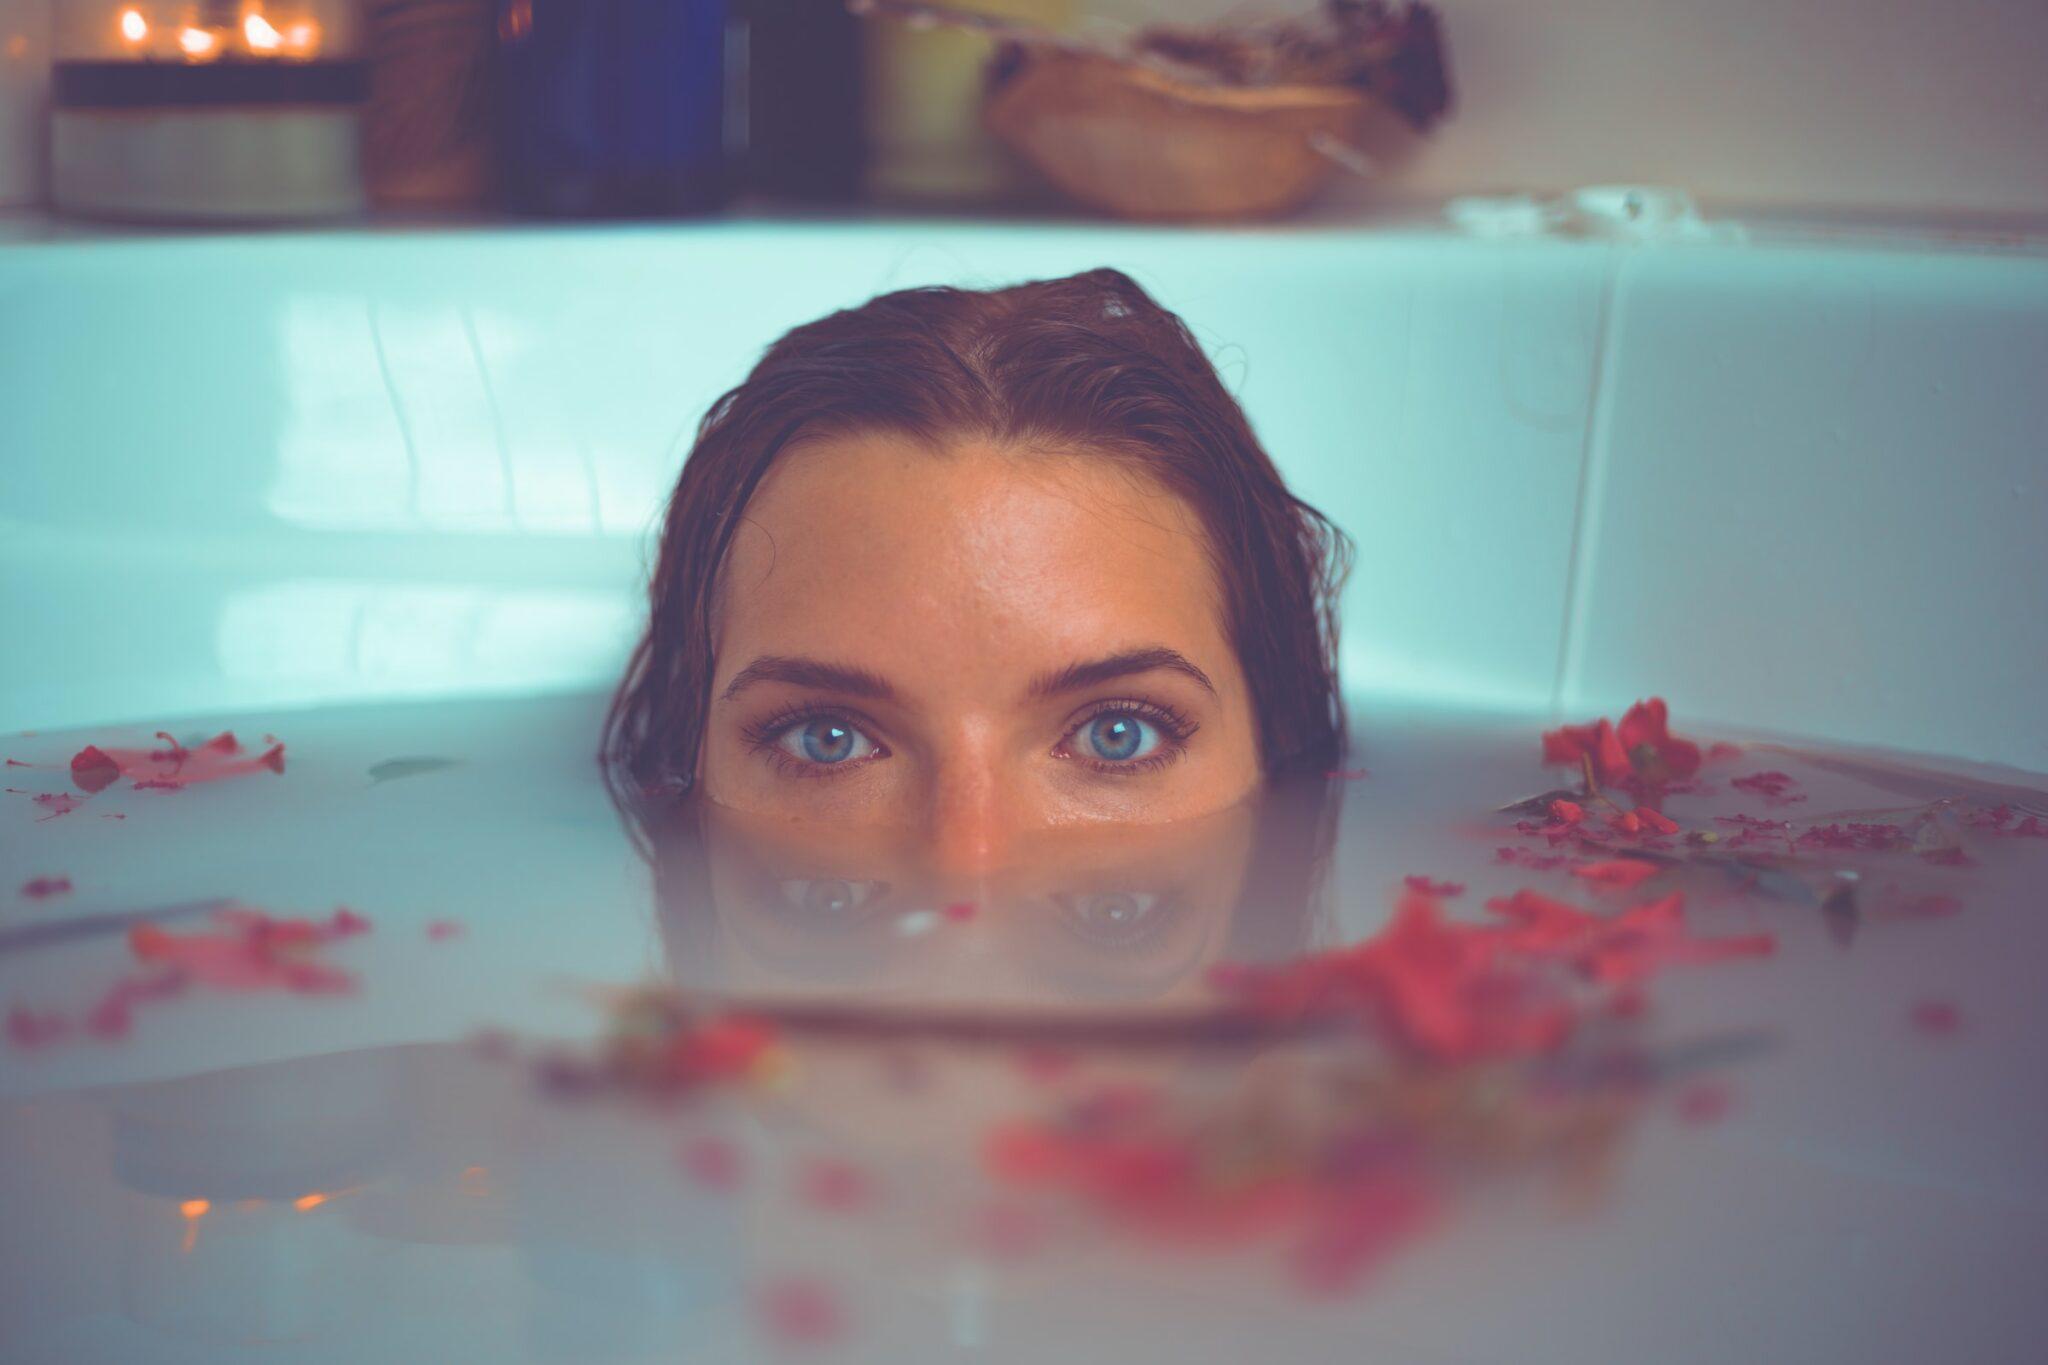 Frau mit Blüten in der Badewanne mit dem Gesicht halb unter Wasser